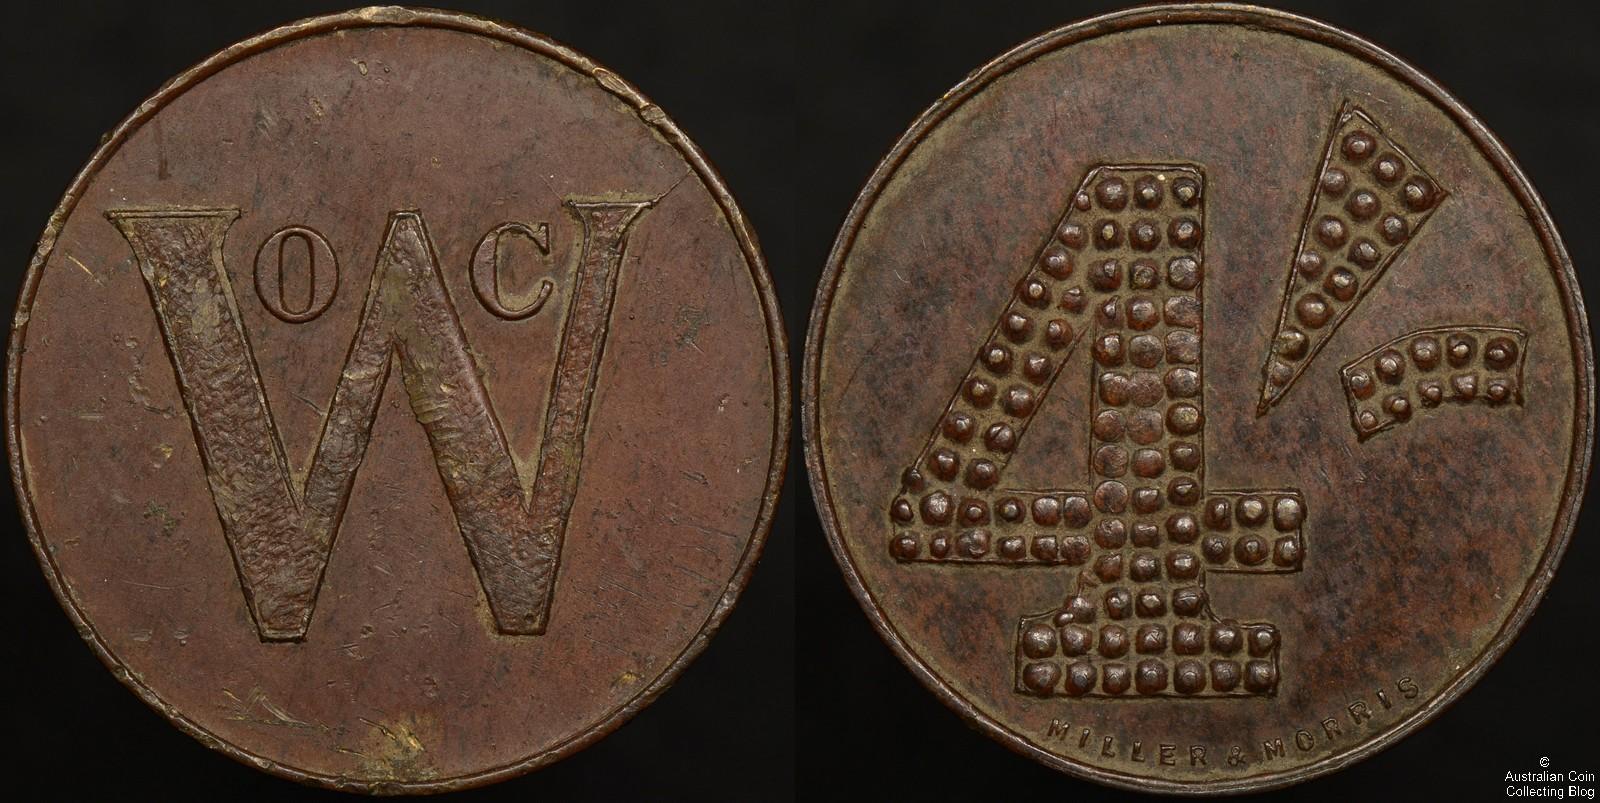 australia-4s-woc-token-miller-morris